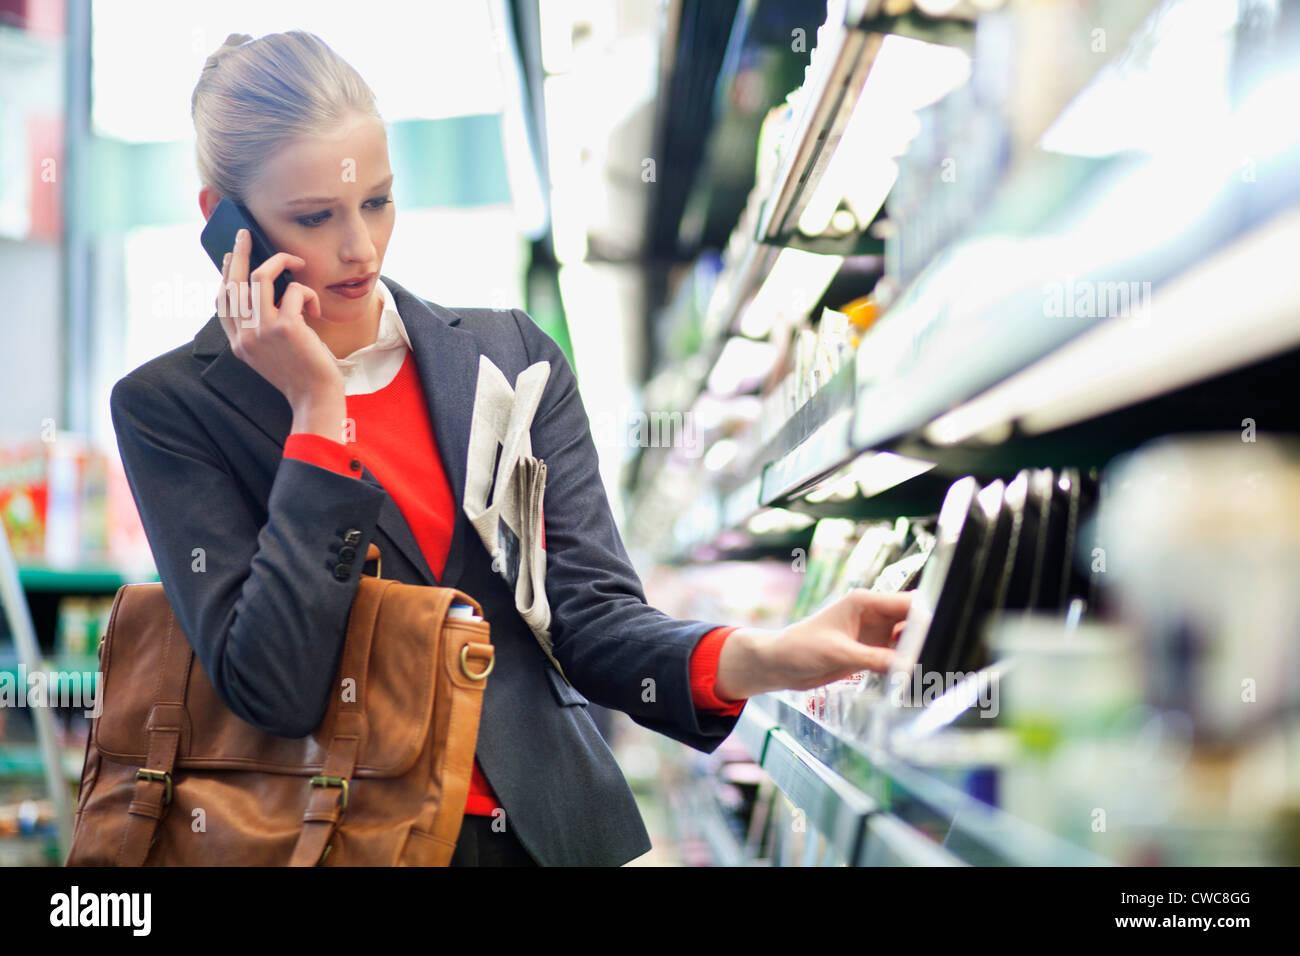 Resultado de imagen para mujer hablando por celular en supermarket